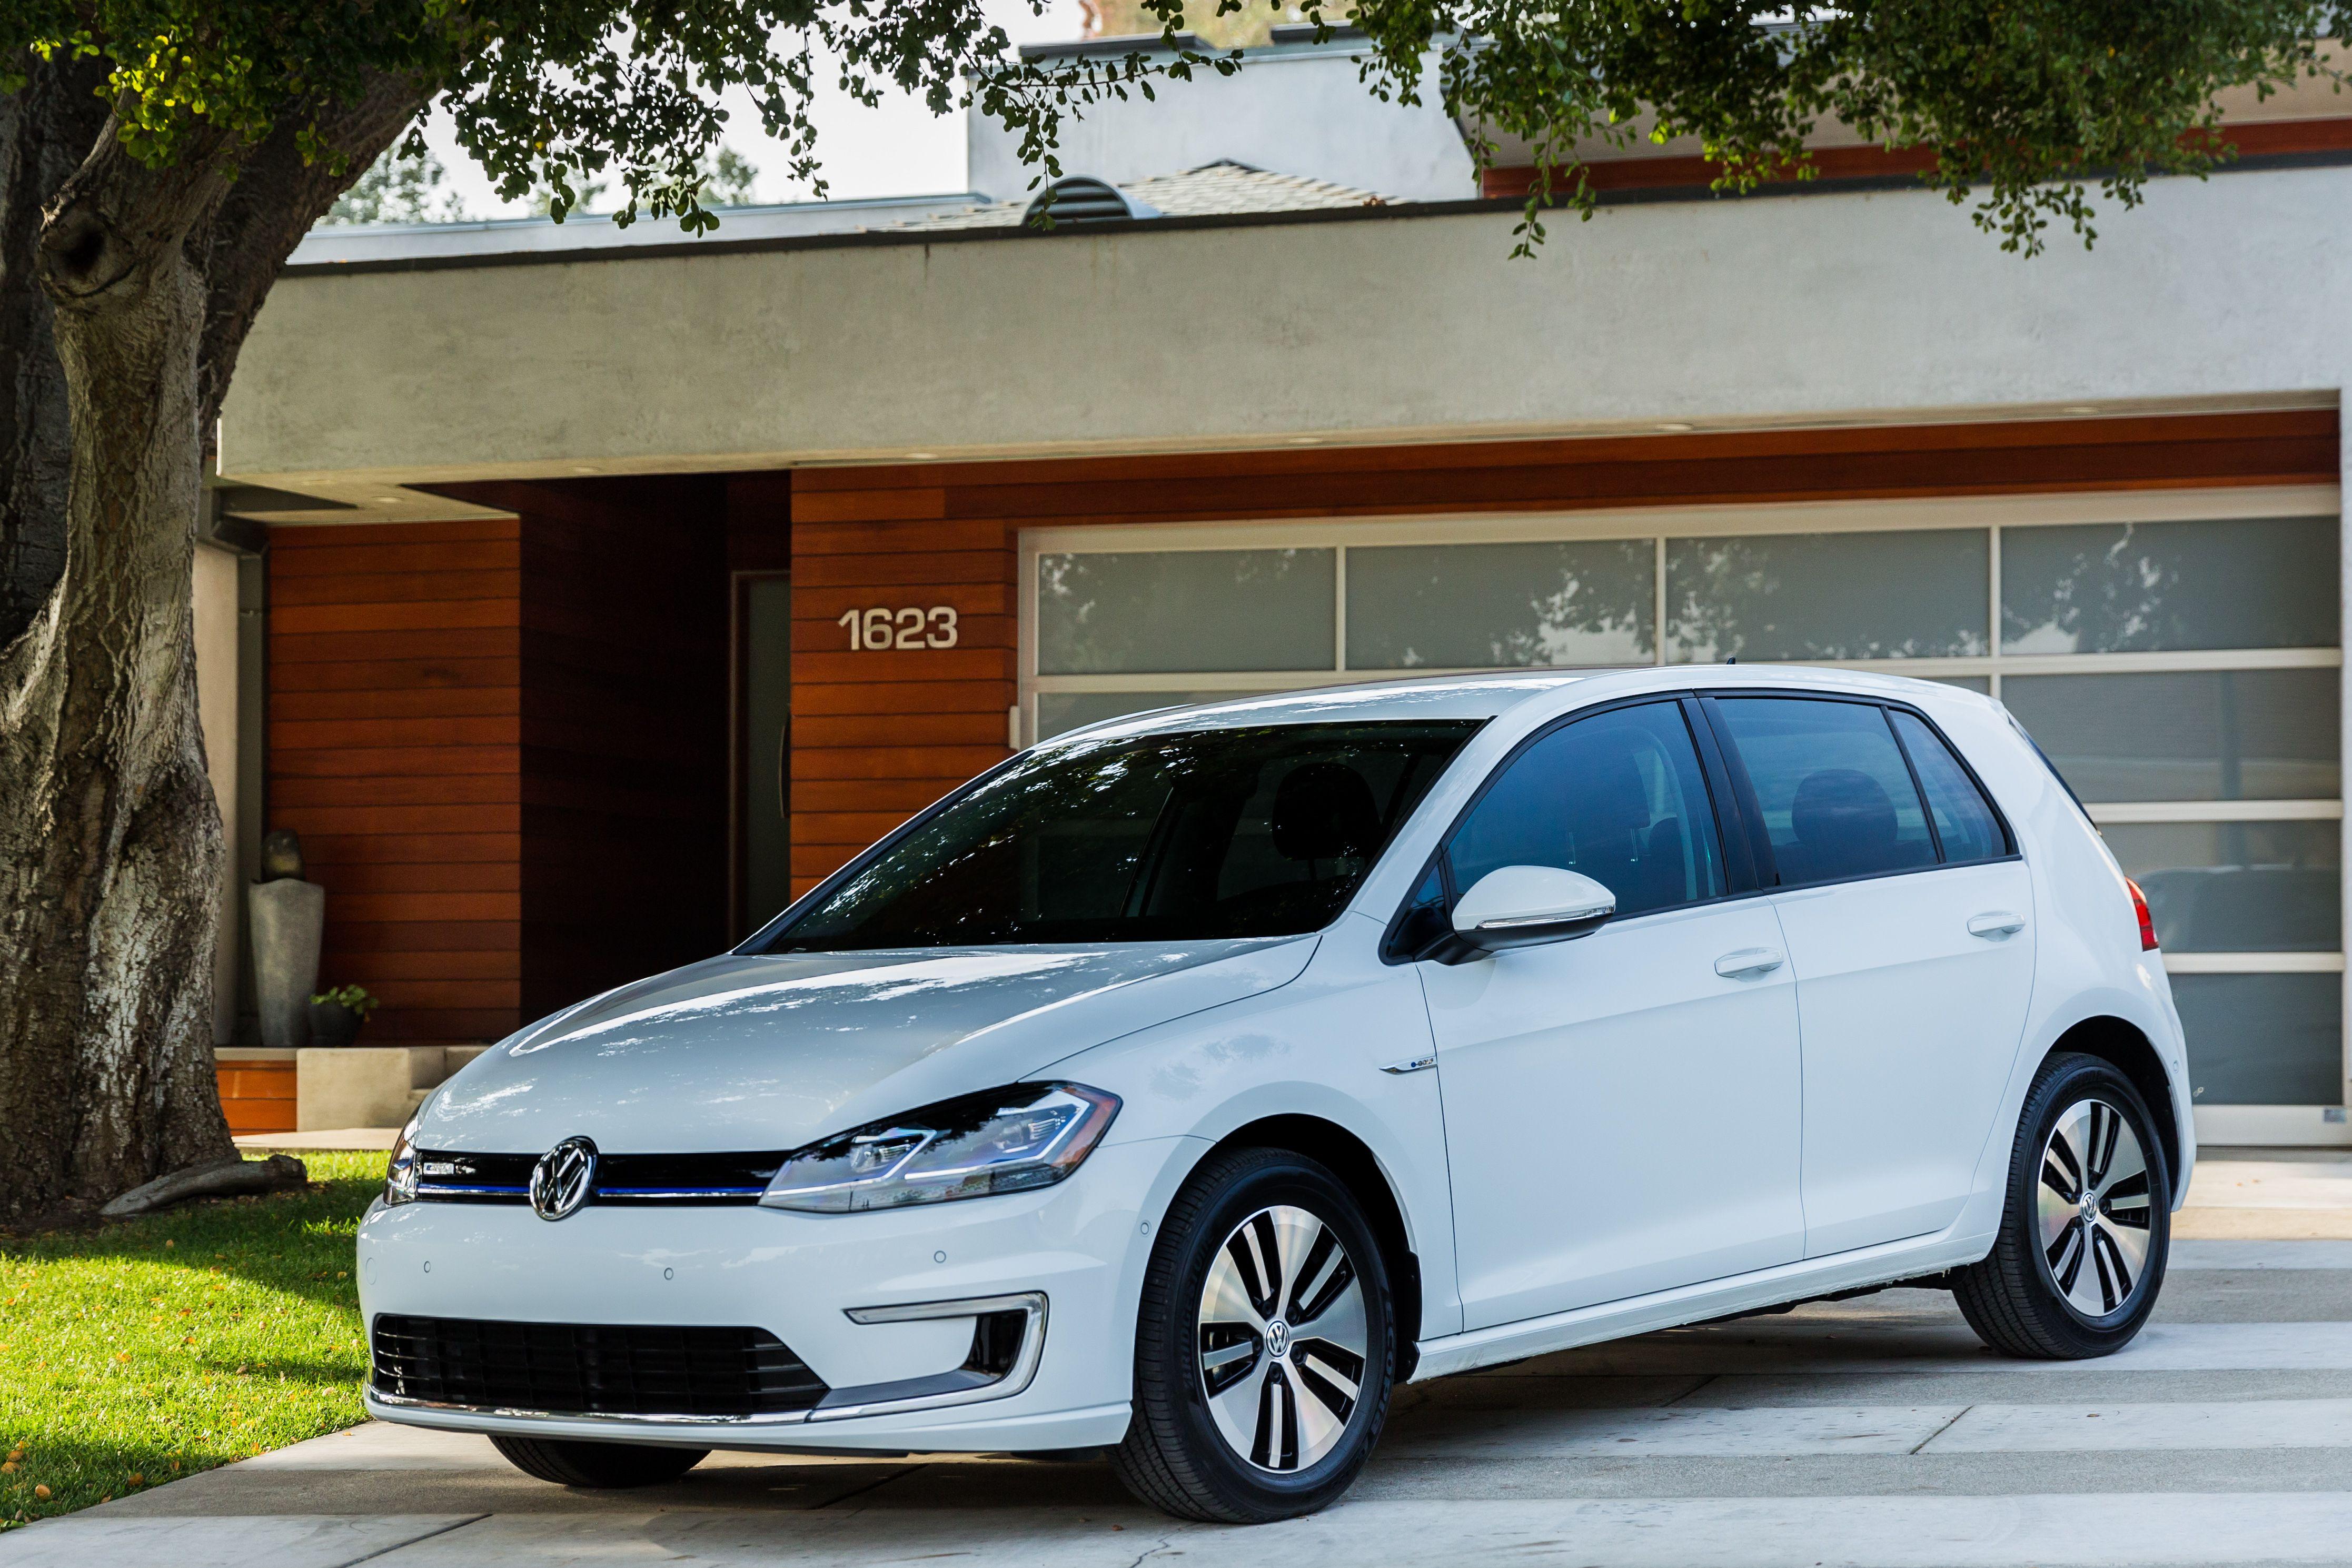 VW's 2017 e-Golf Range Better Than Expected